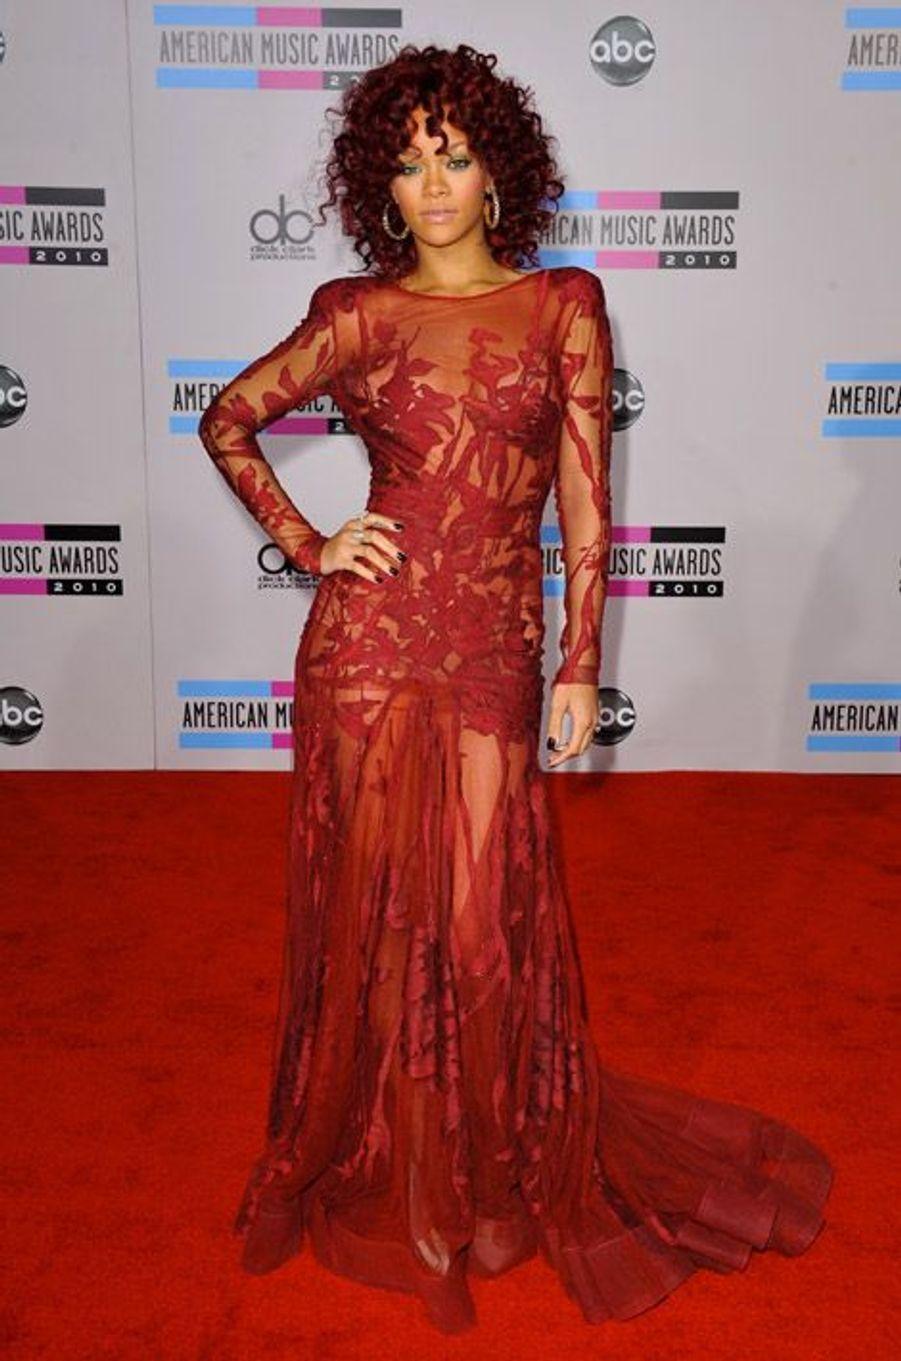 Tout en transparence pour les American Music Awards à Los Angeles, le 21 novembre 2010